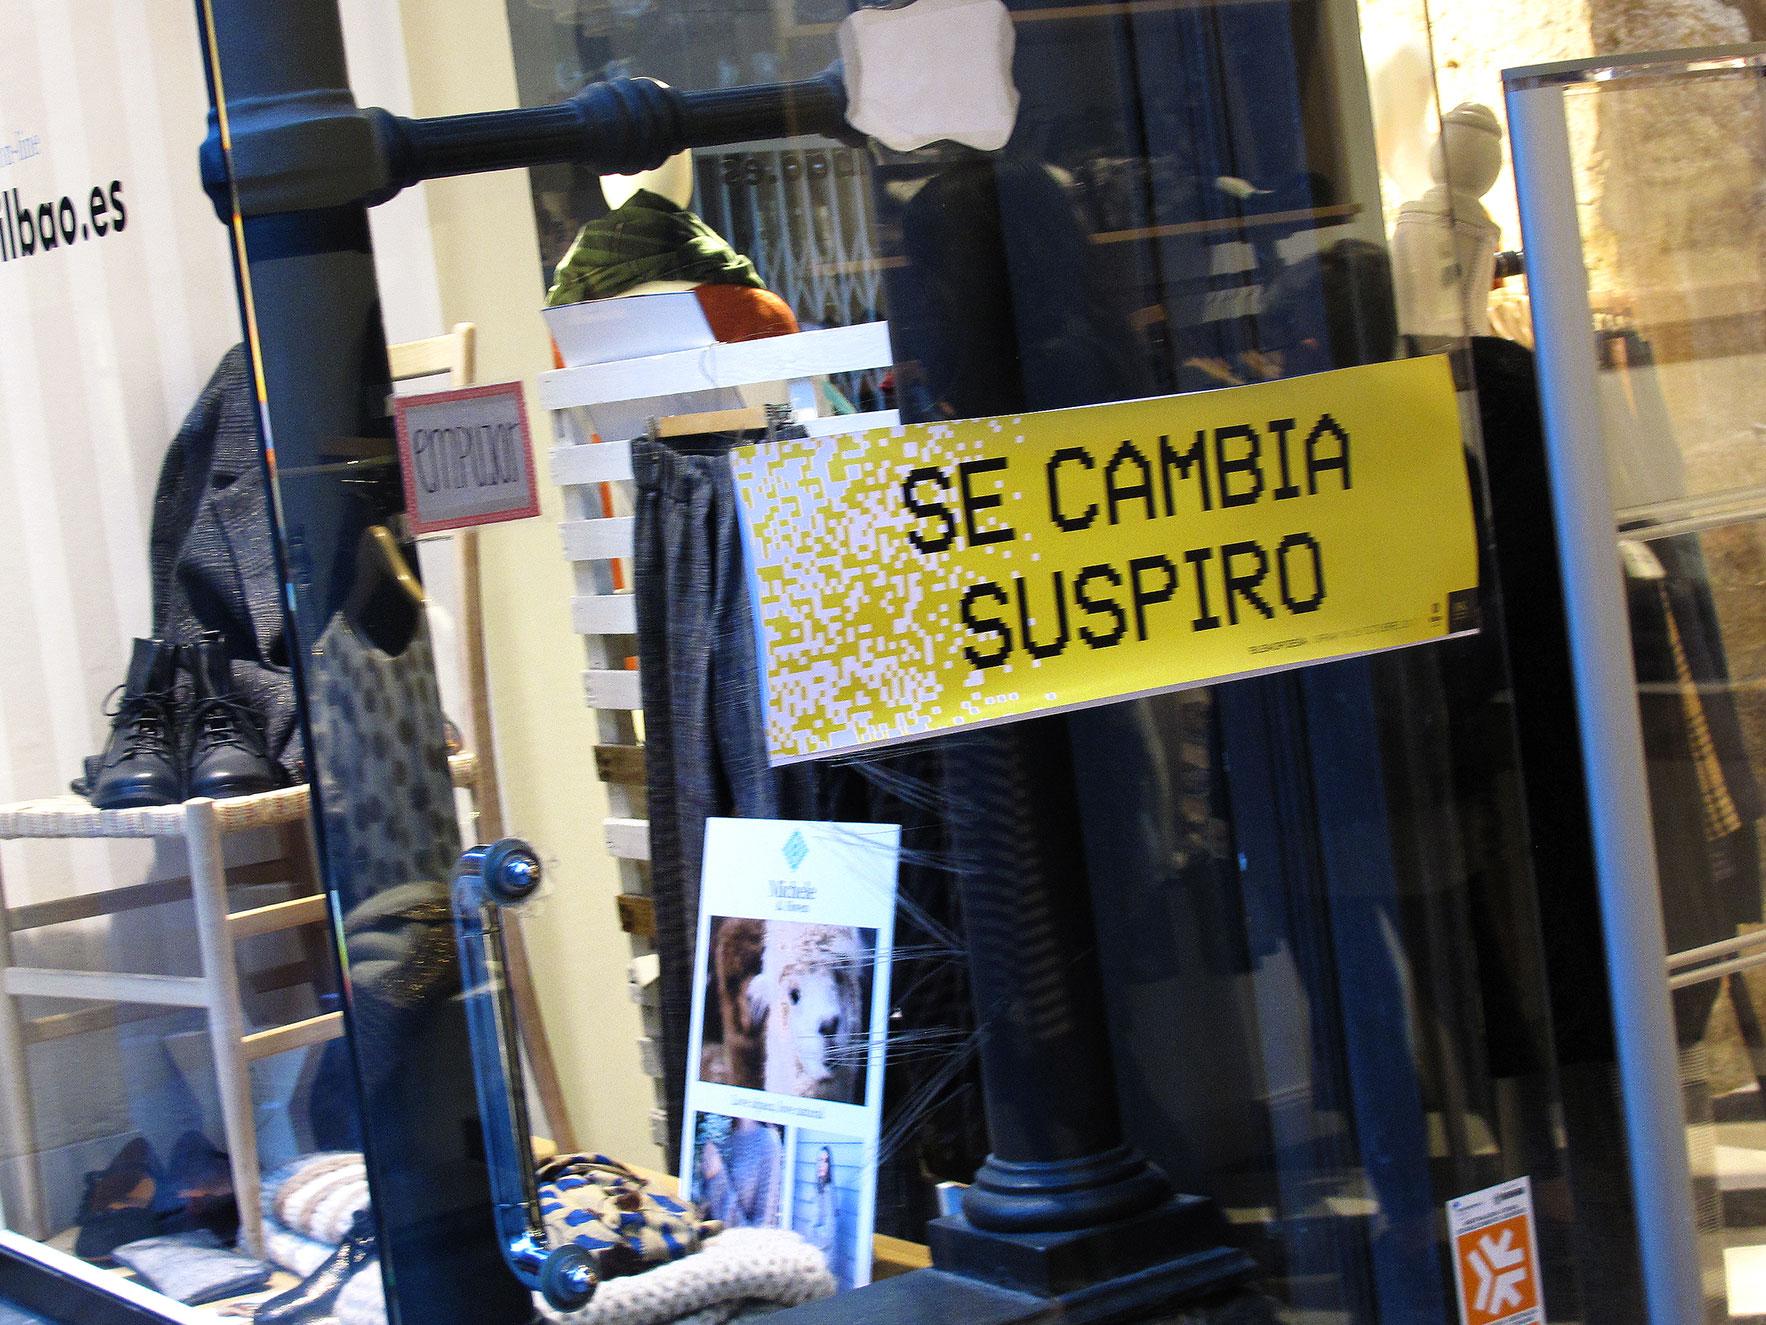 Bilbao poesía escaparate